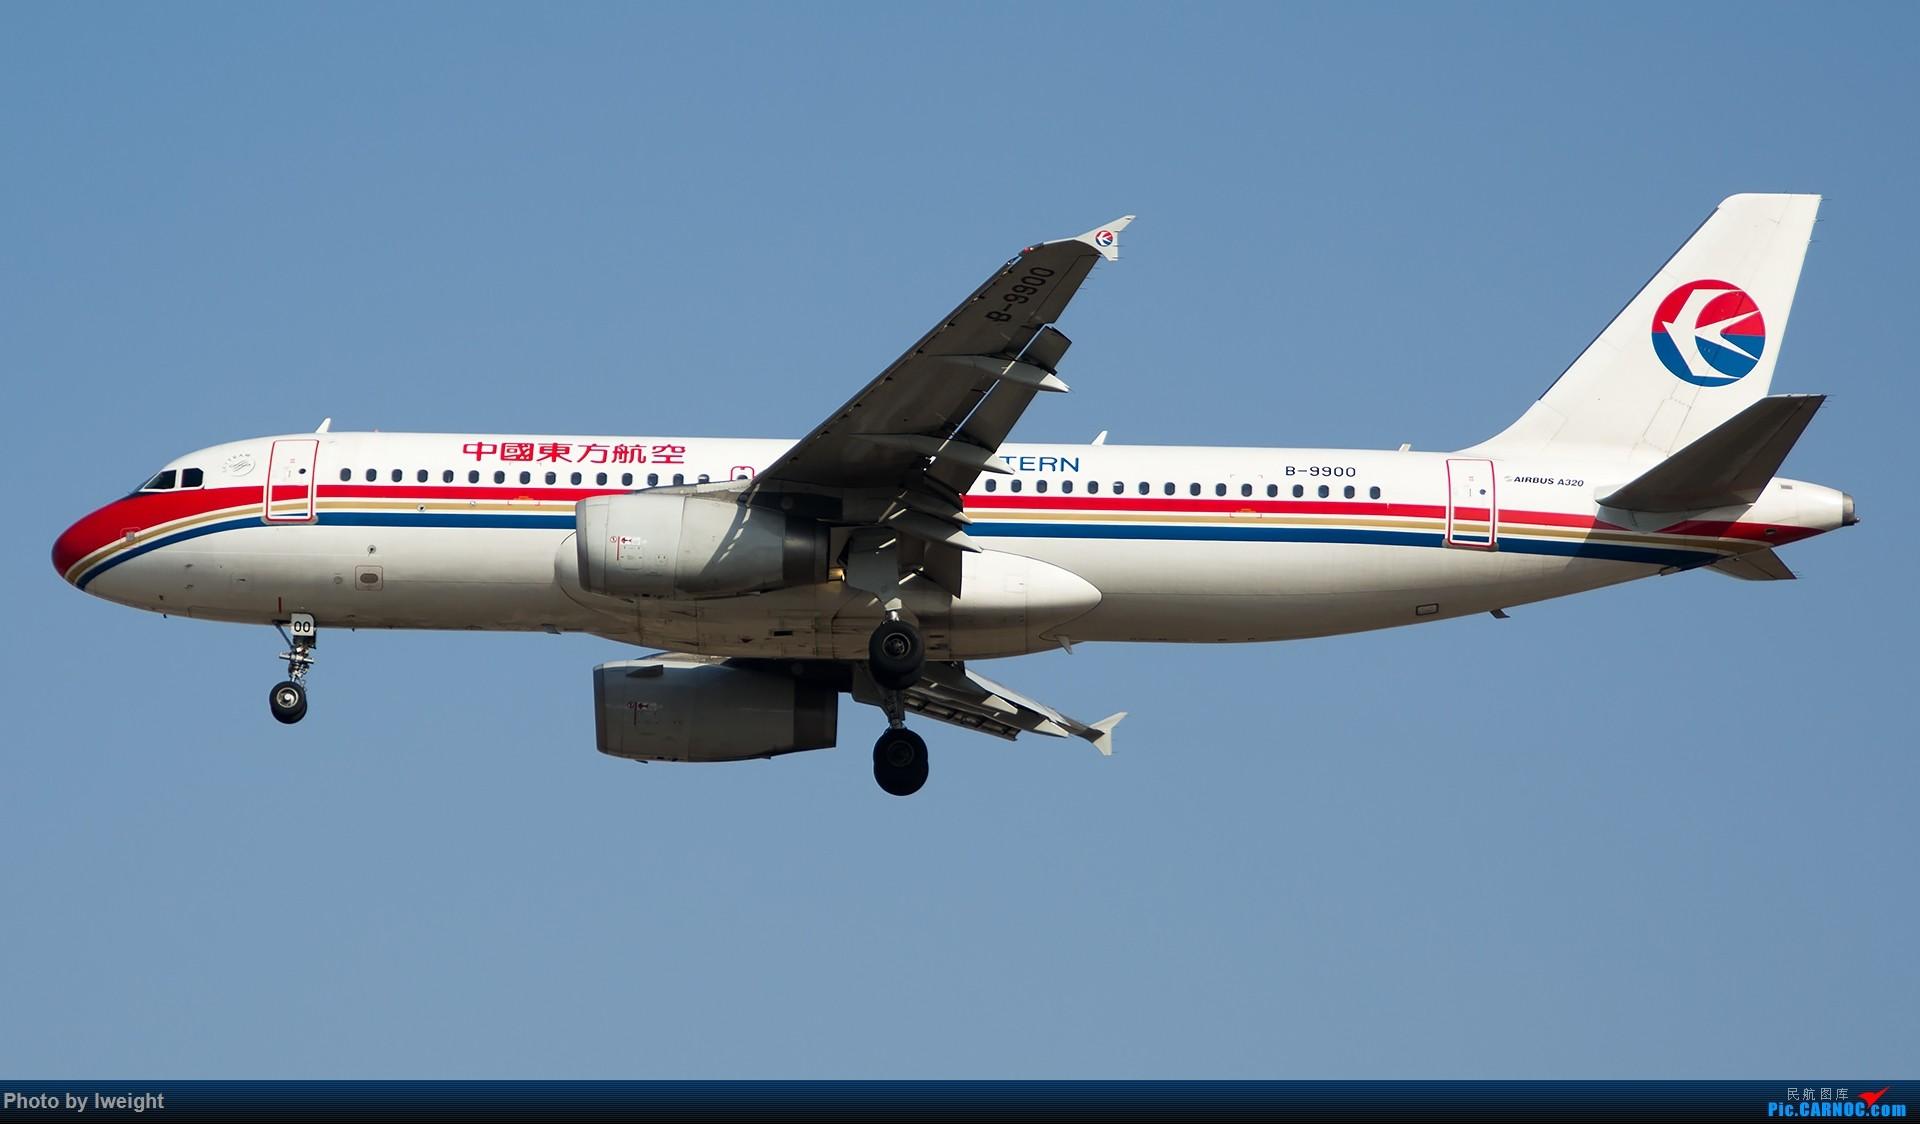 Re:[原创]羊年第一次拍机,首都机场[2015-2-23] AIRBUS A320-200 B-9900 中国北京首都国际机场